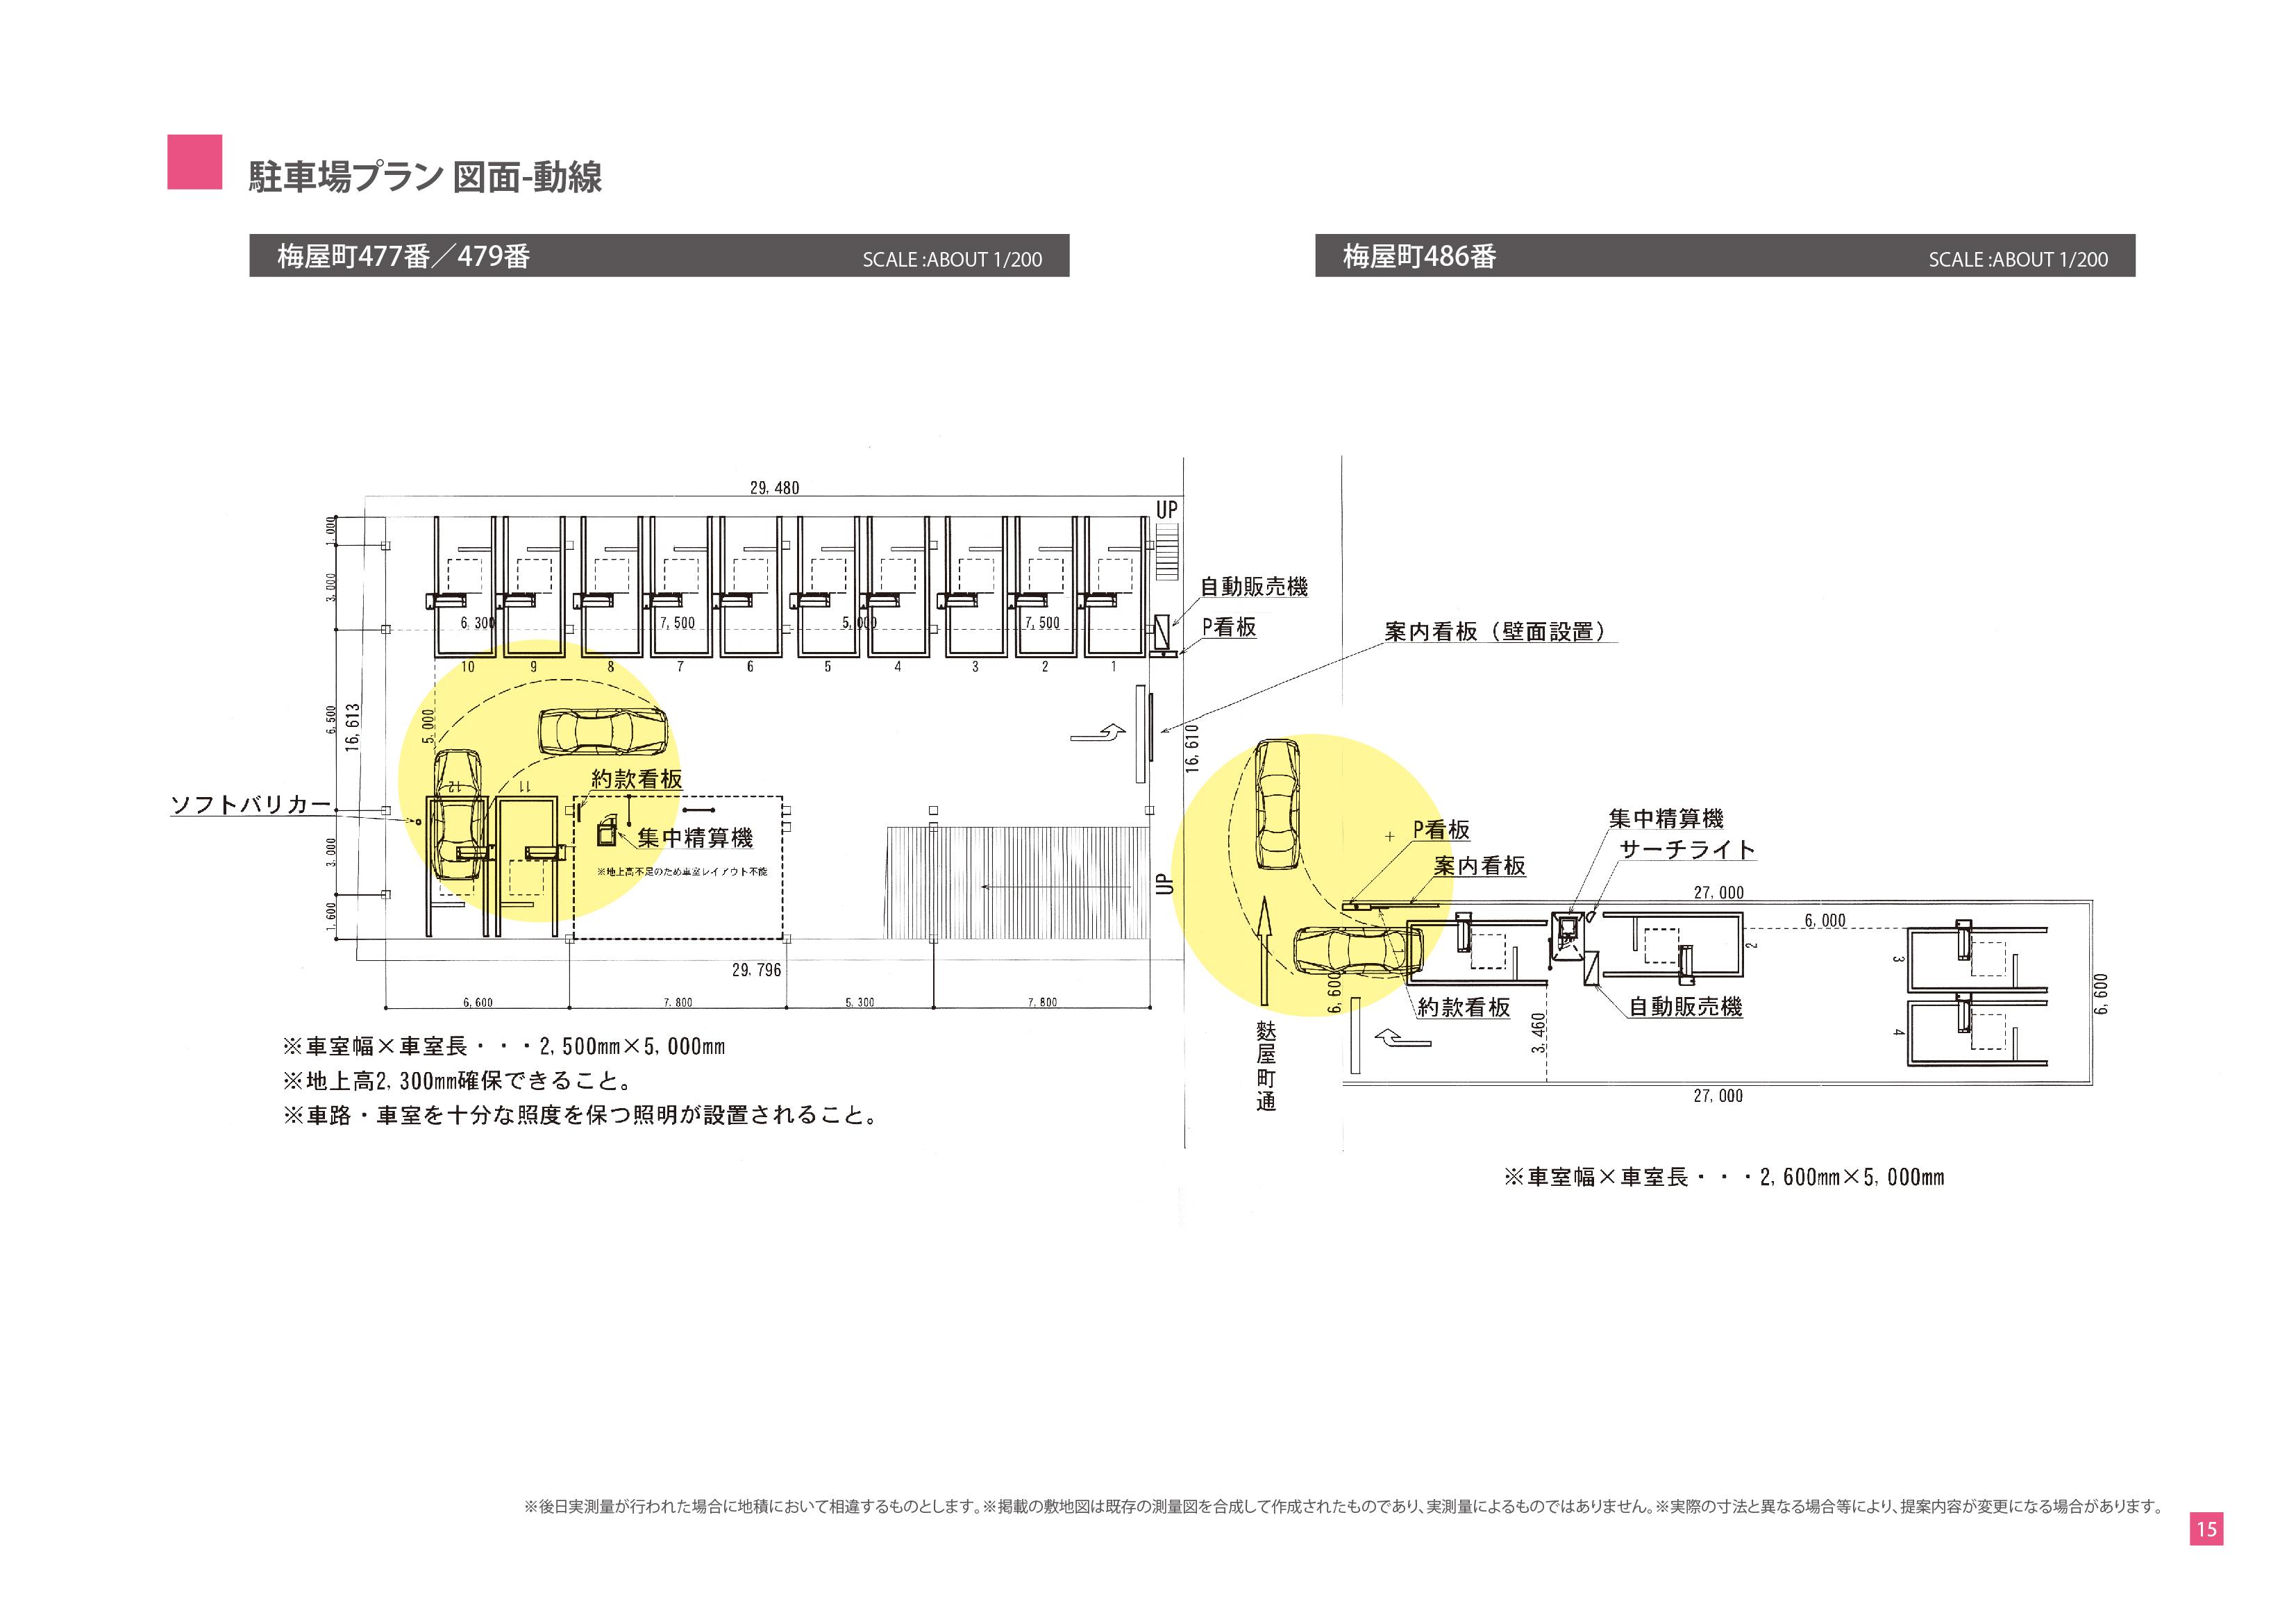 土地有効活用プロジェクト-駐車場経営のご提案-駐車場プラン 図面-動線